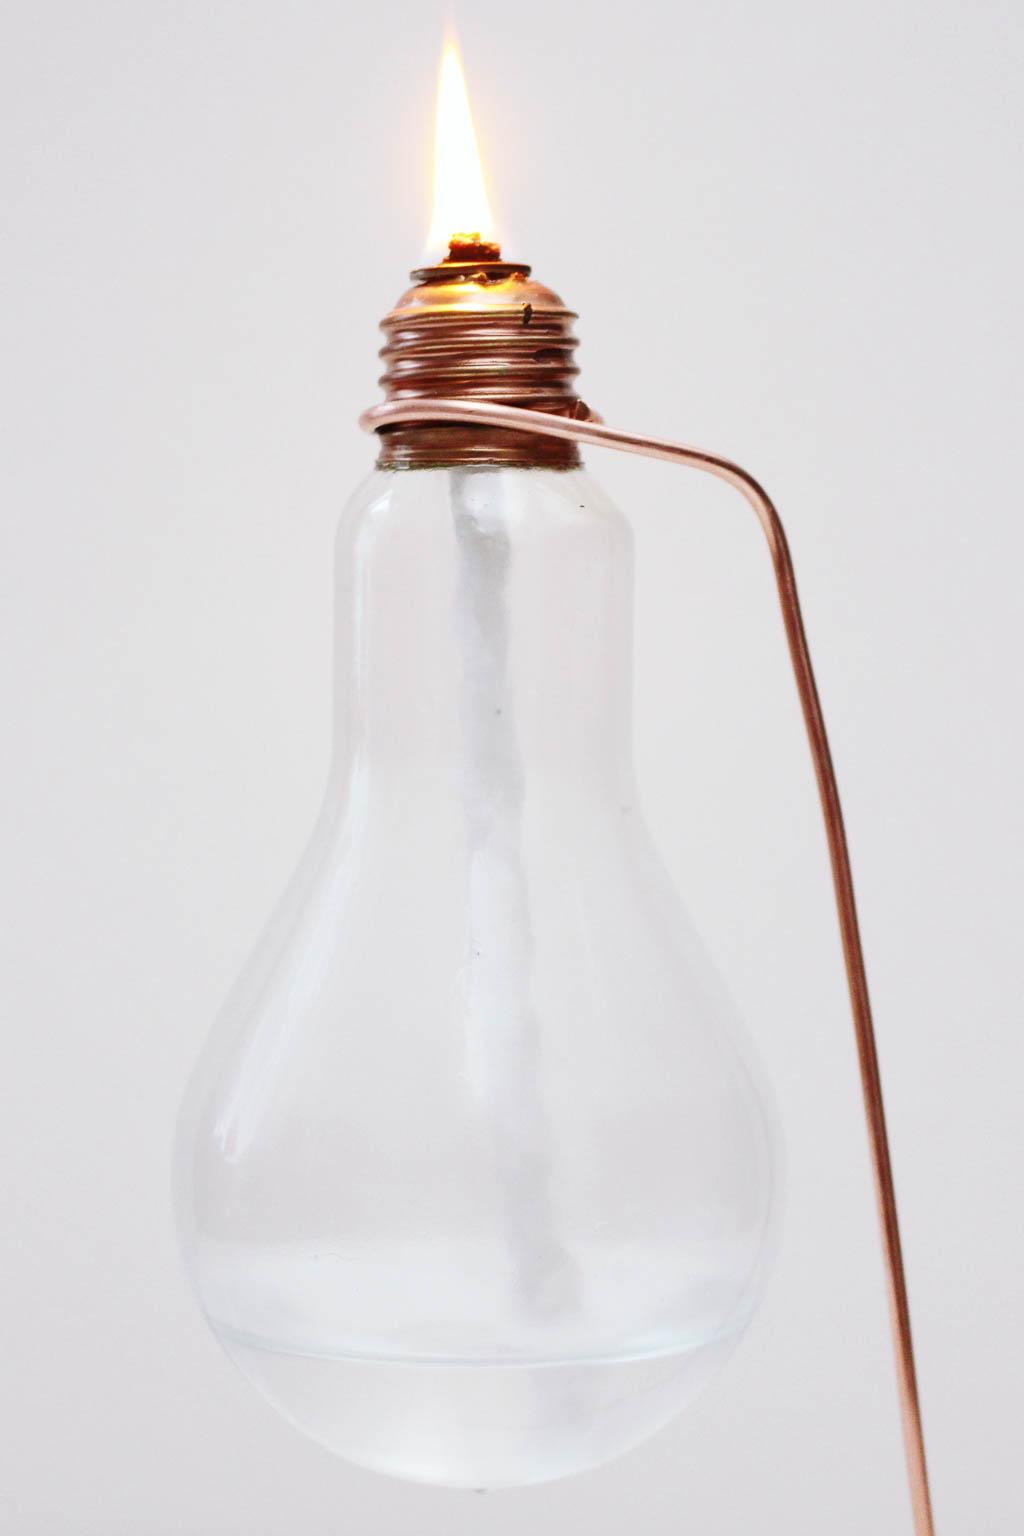 Upcycling Idee: Öllampe aus einer alten Glühbirne basteln